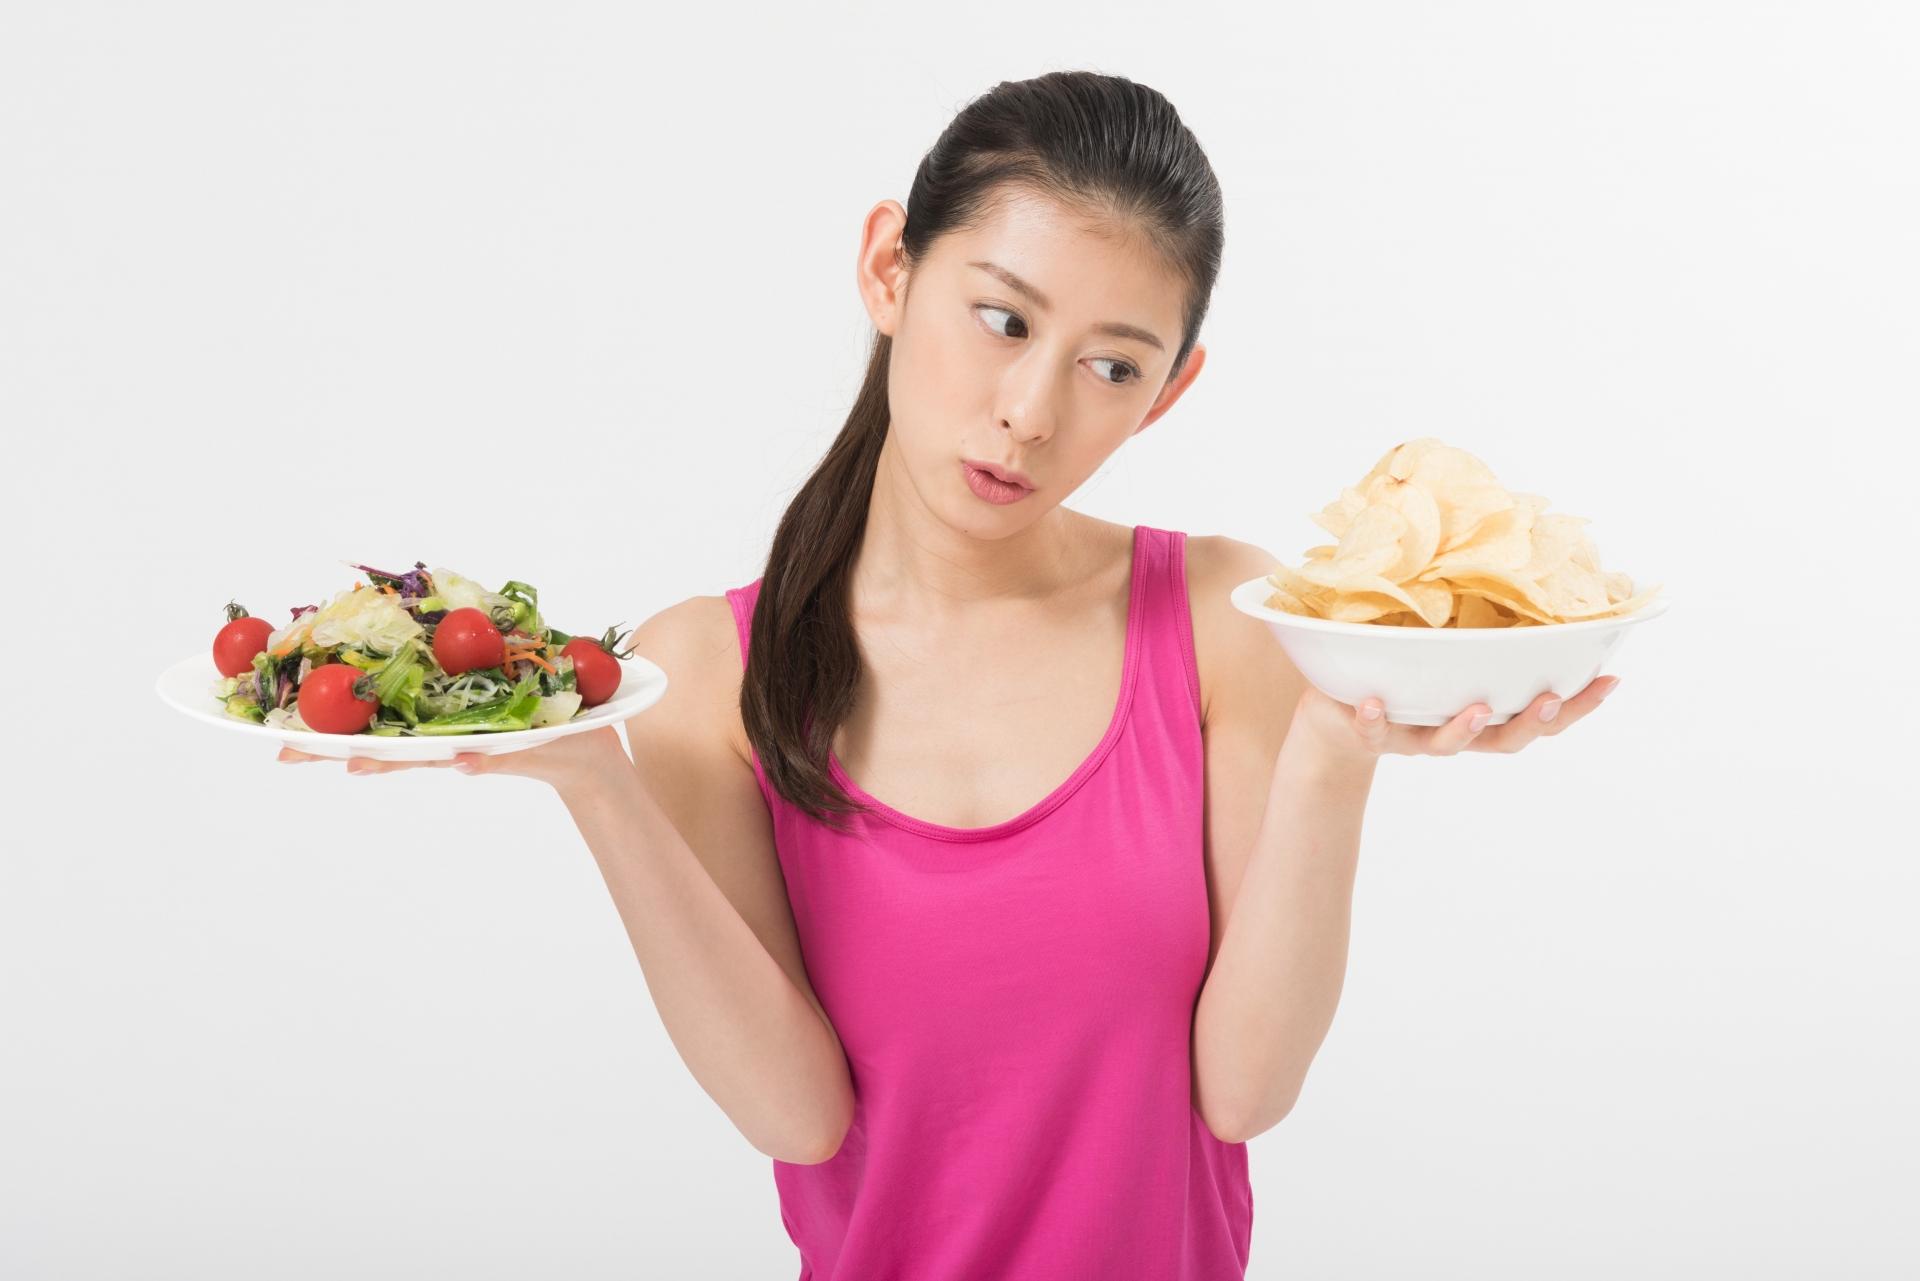 ヨガをすると断食を始める人が多いのはなぜ? | Well-being Guide